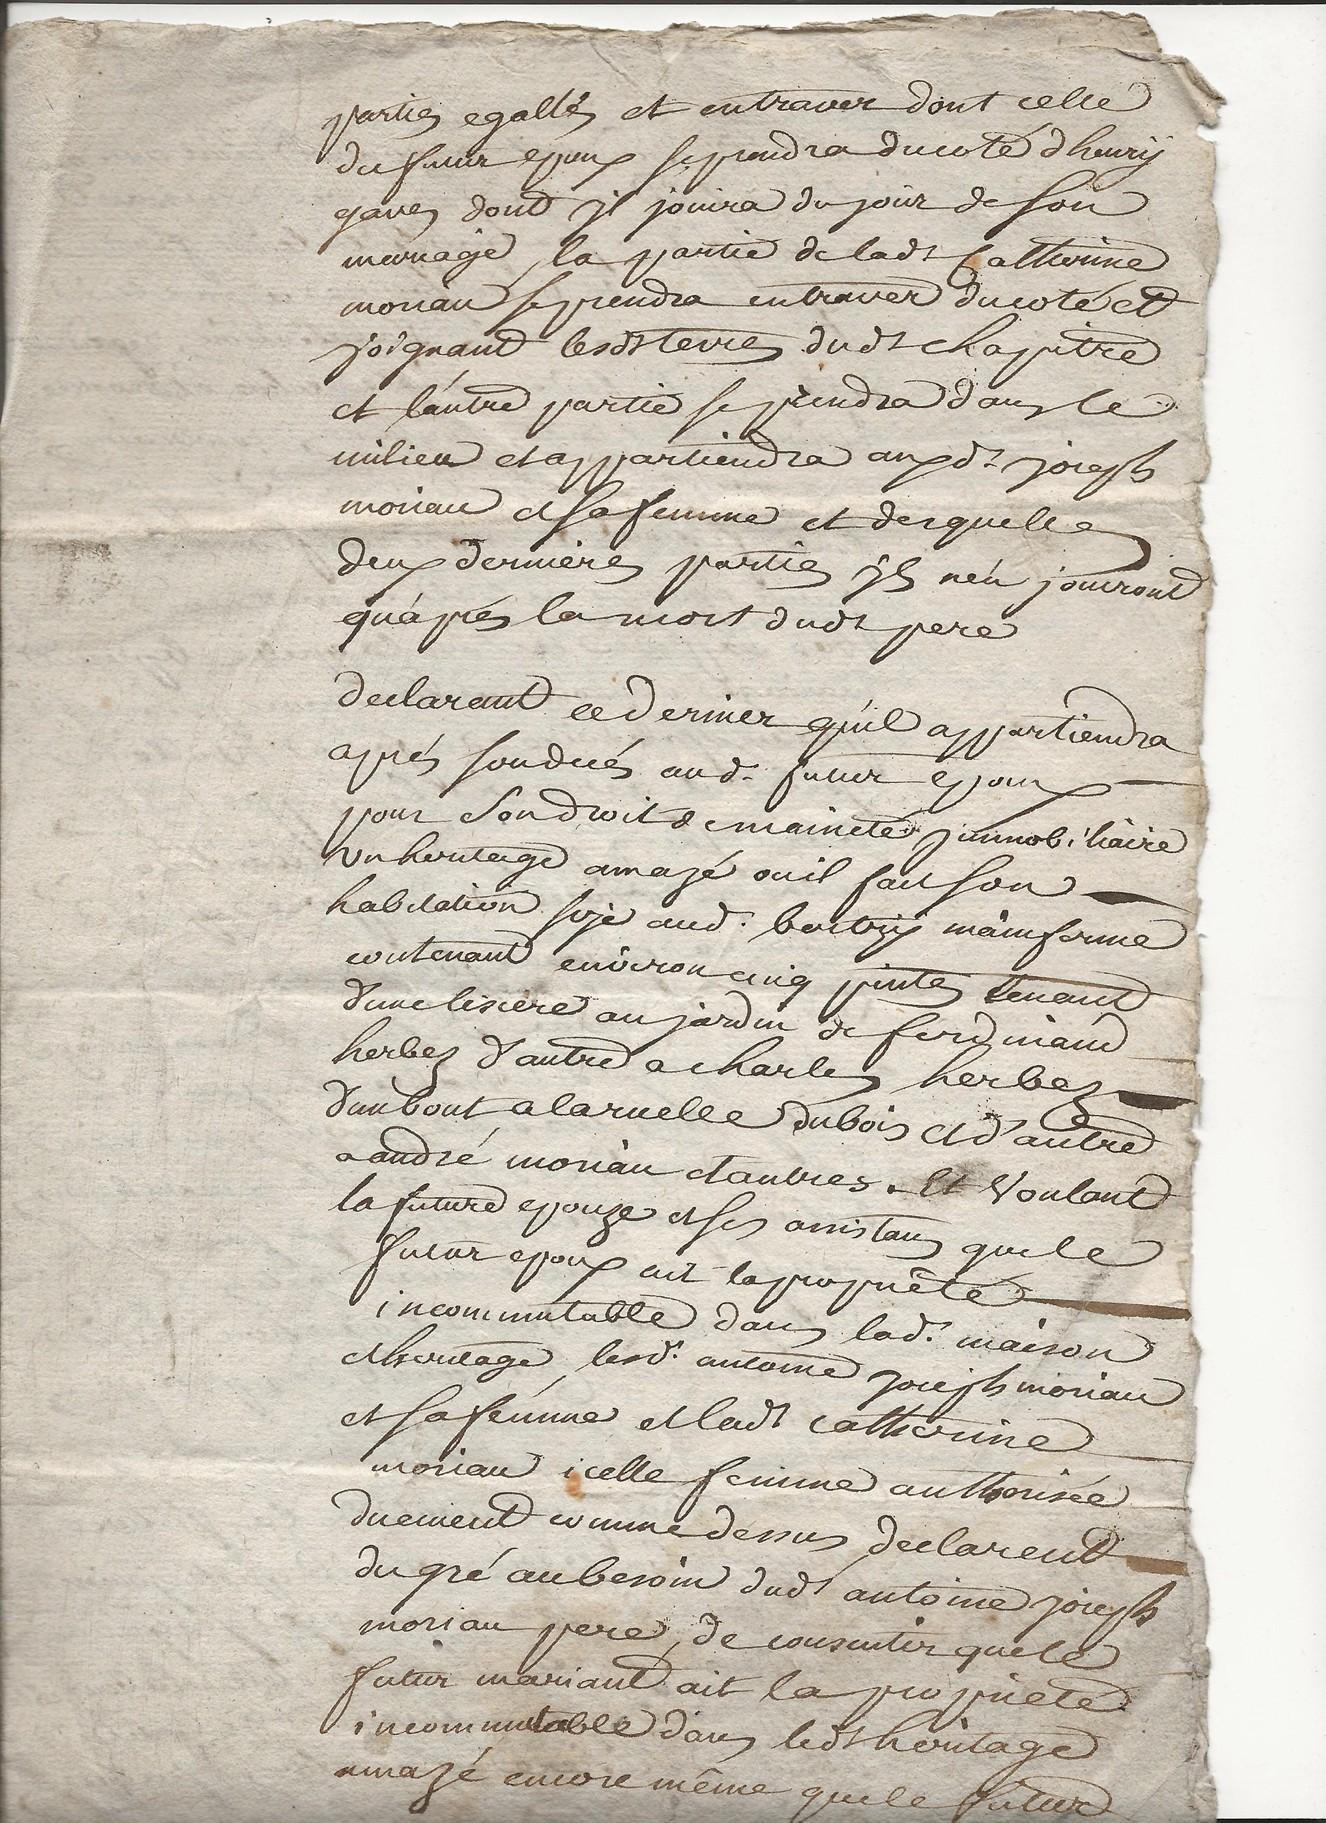 1772 acte partiel moriau jean guislain avec taine jeanne catherine 1